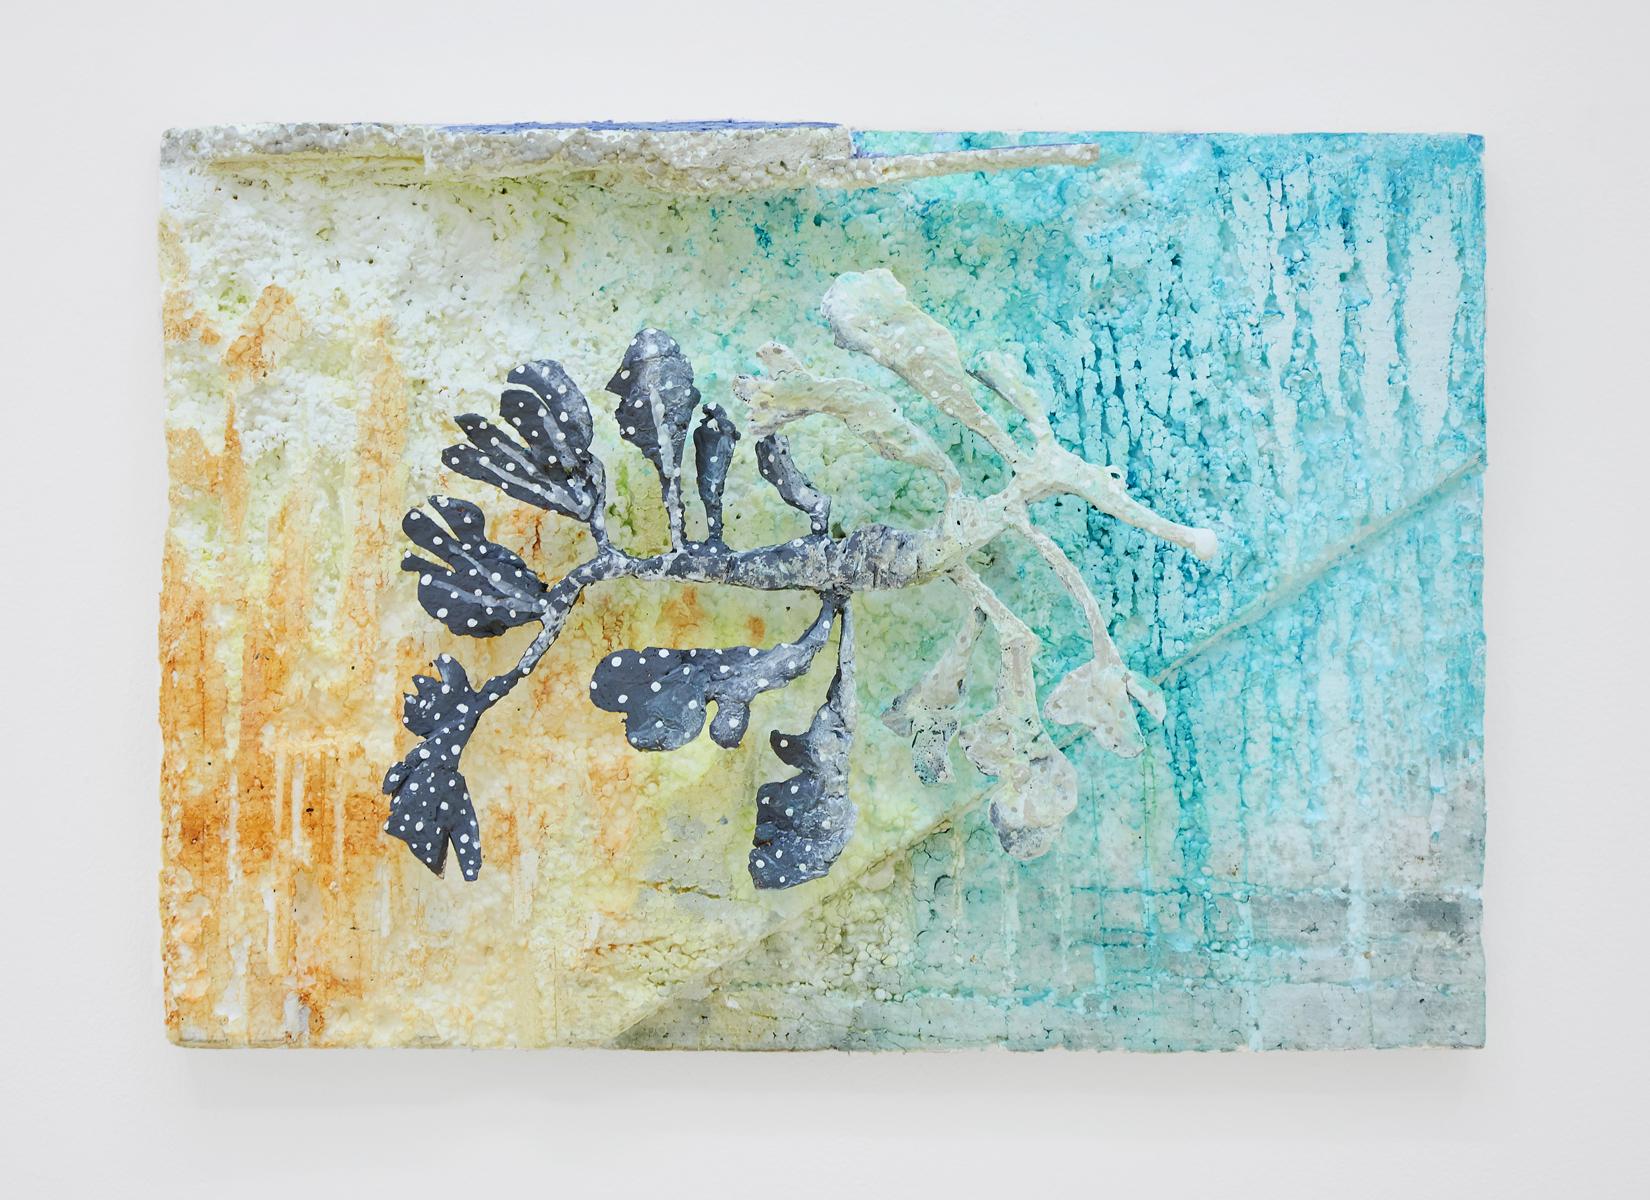 Lin May Saeed, Teneen Albaher Relief III, 2017. Styrofoam, steel, acrylic paint, 33,5 x 47 x 12,5 cm